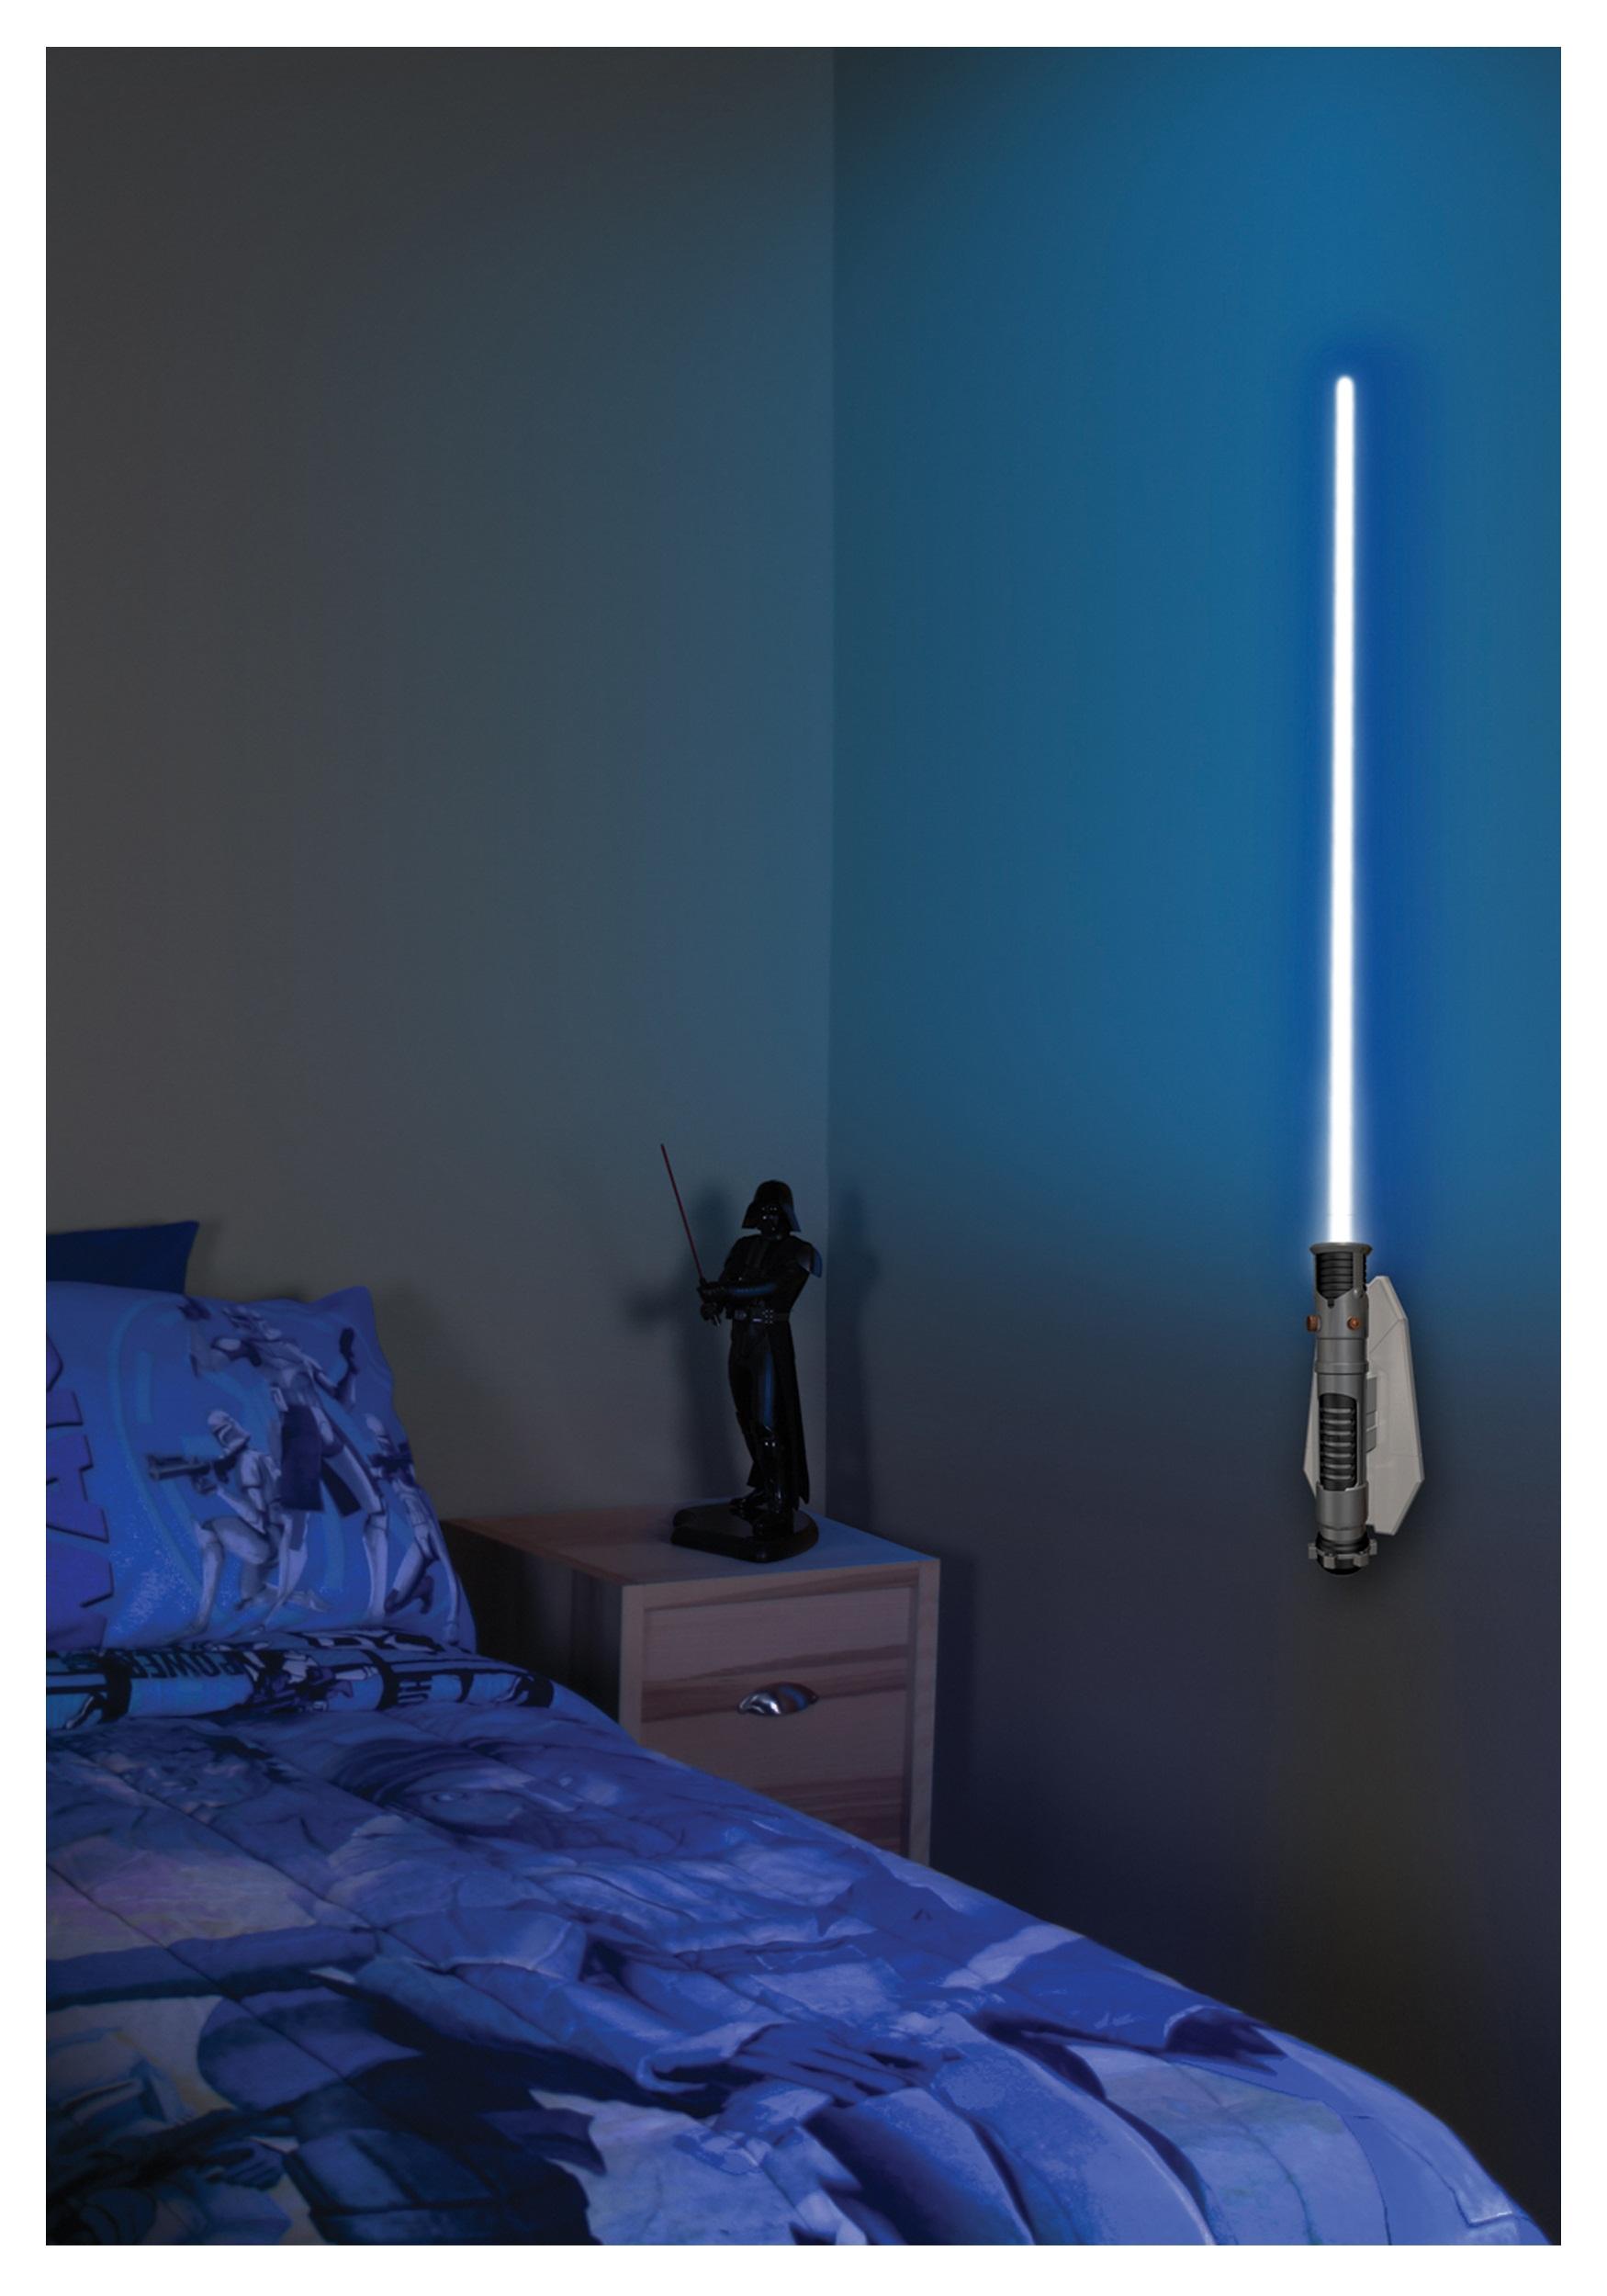 Room Light Obi Wan Kenobi Lightsaber